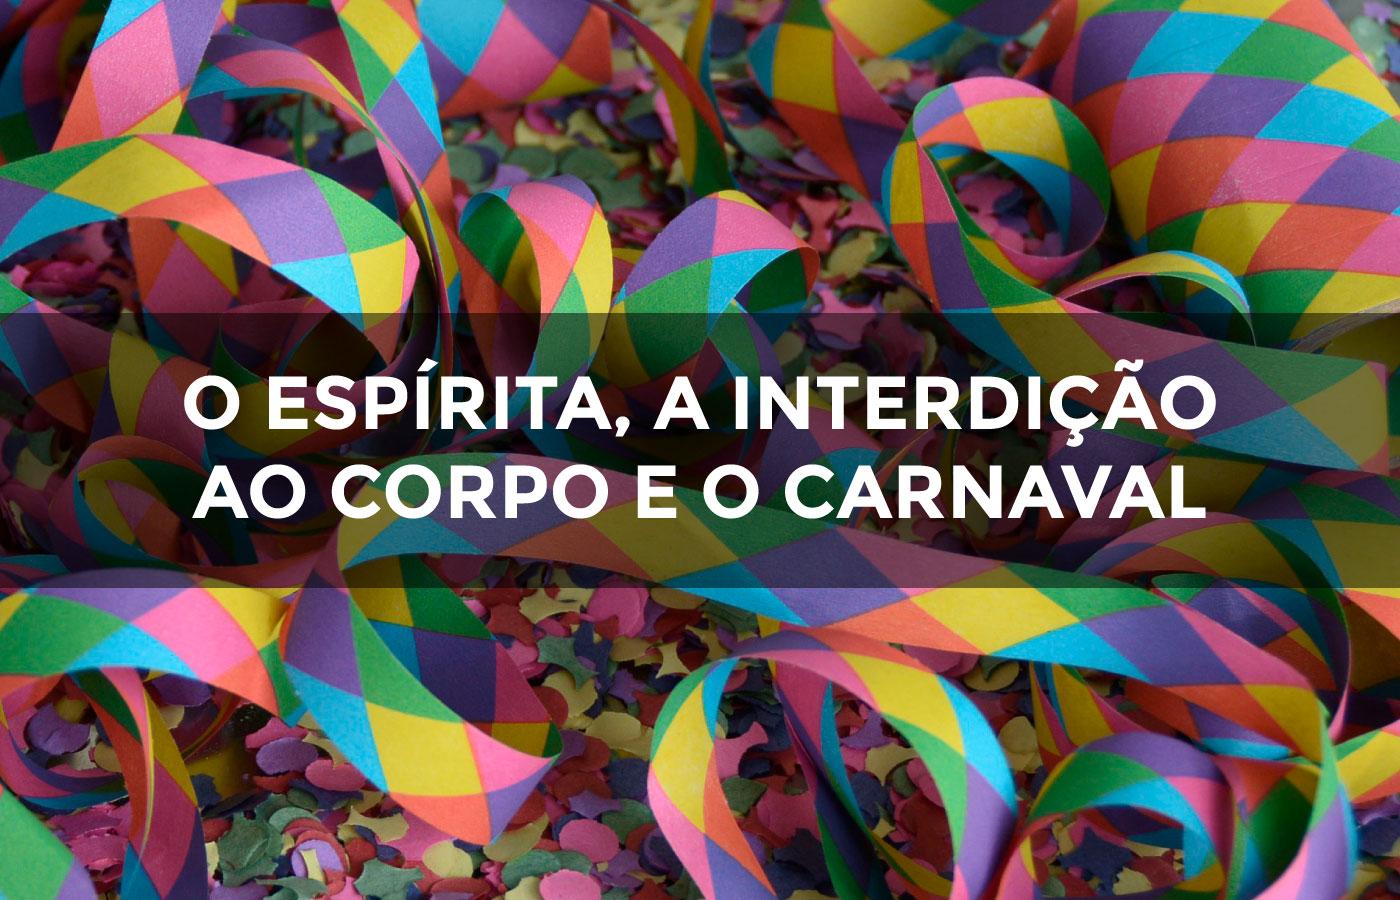 O espírita, a interdição ao corpo e o carnaval